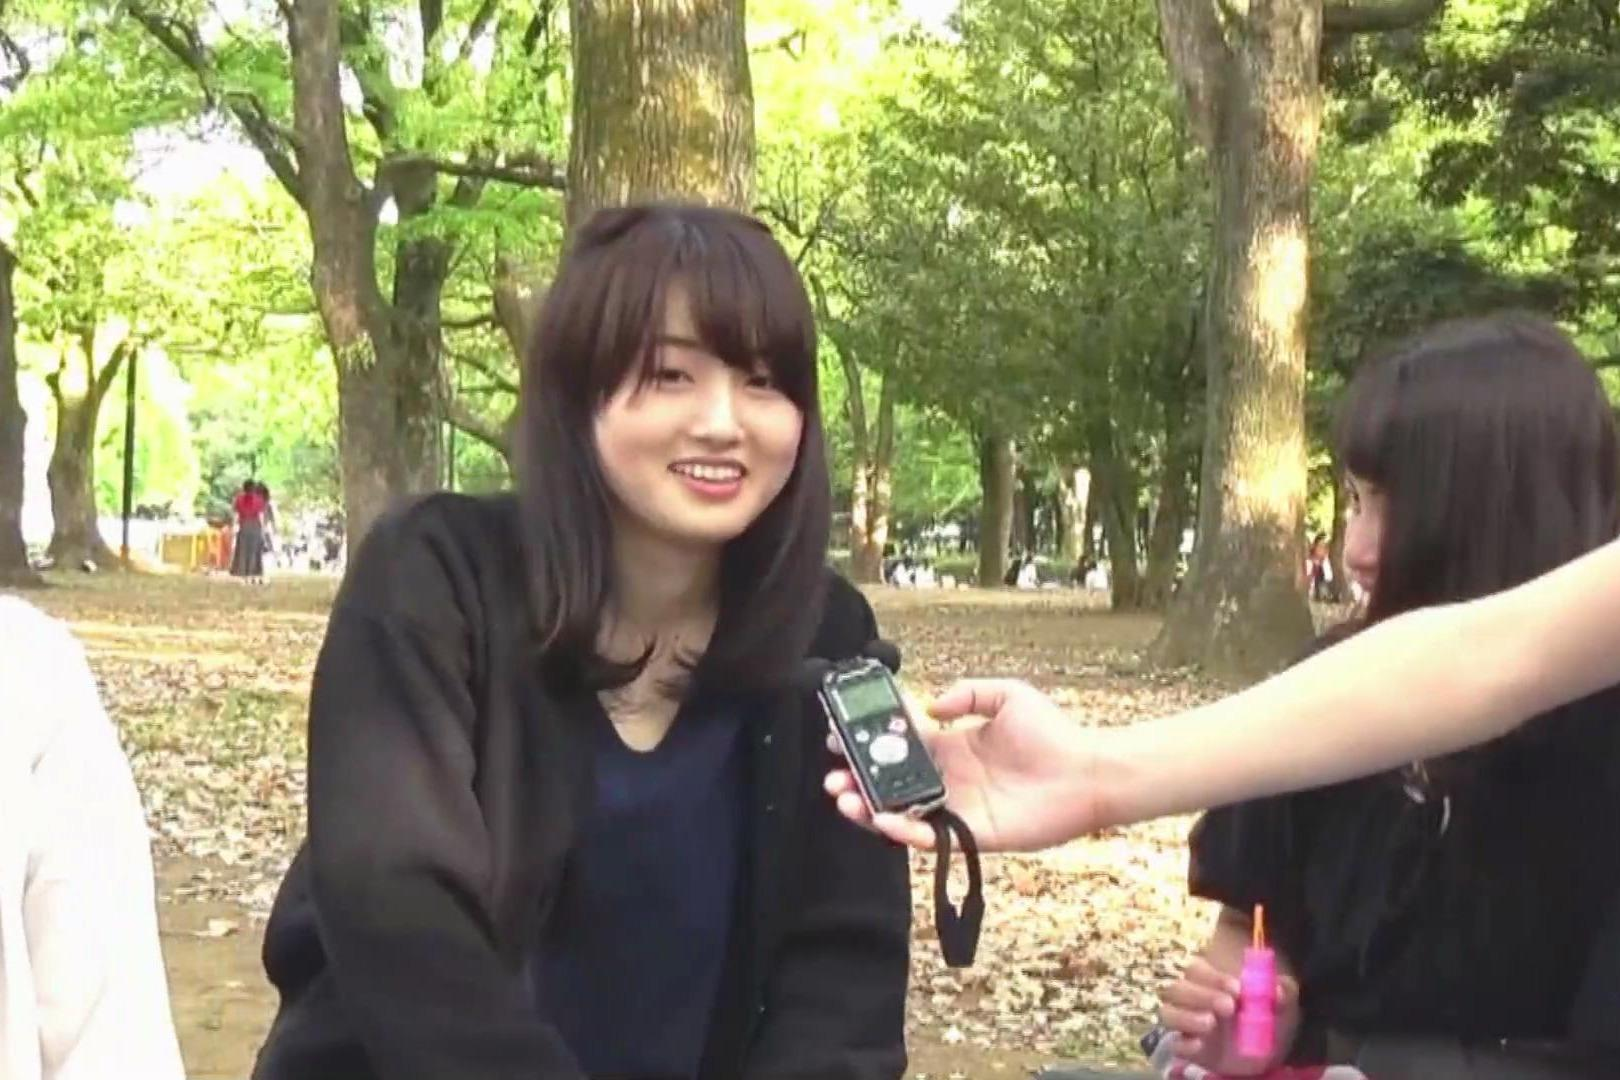 在日本最多人知道的中文是什麼?除了你好以外竟然還有這樣的回答